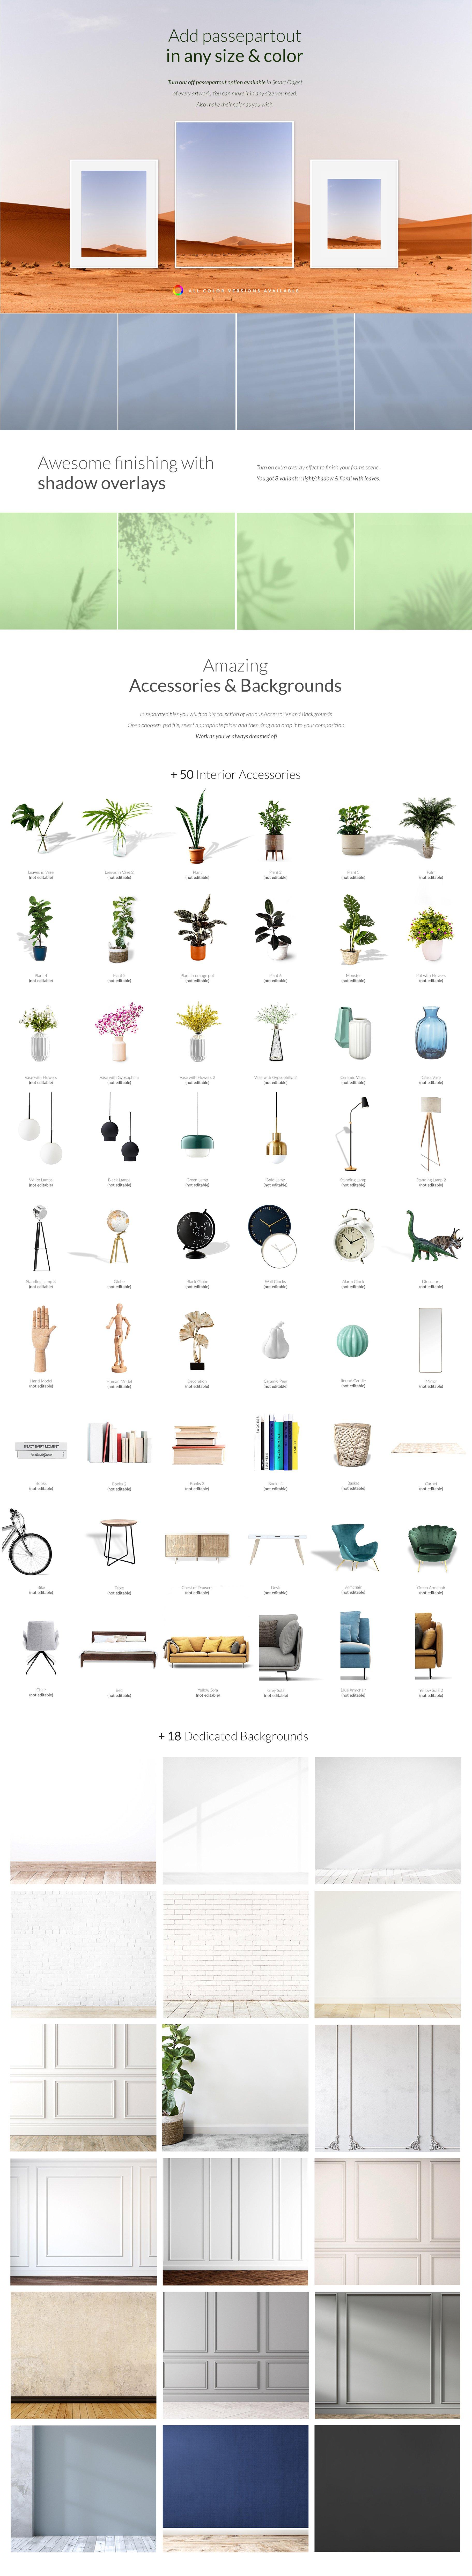 多款式海报艺术品展示相框样机模板素材 Automatic Frame Creator + Scenes插图2